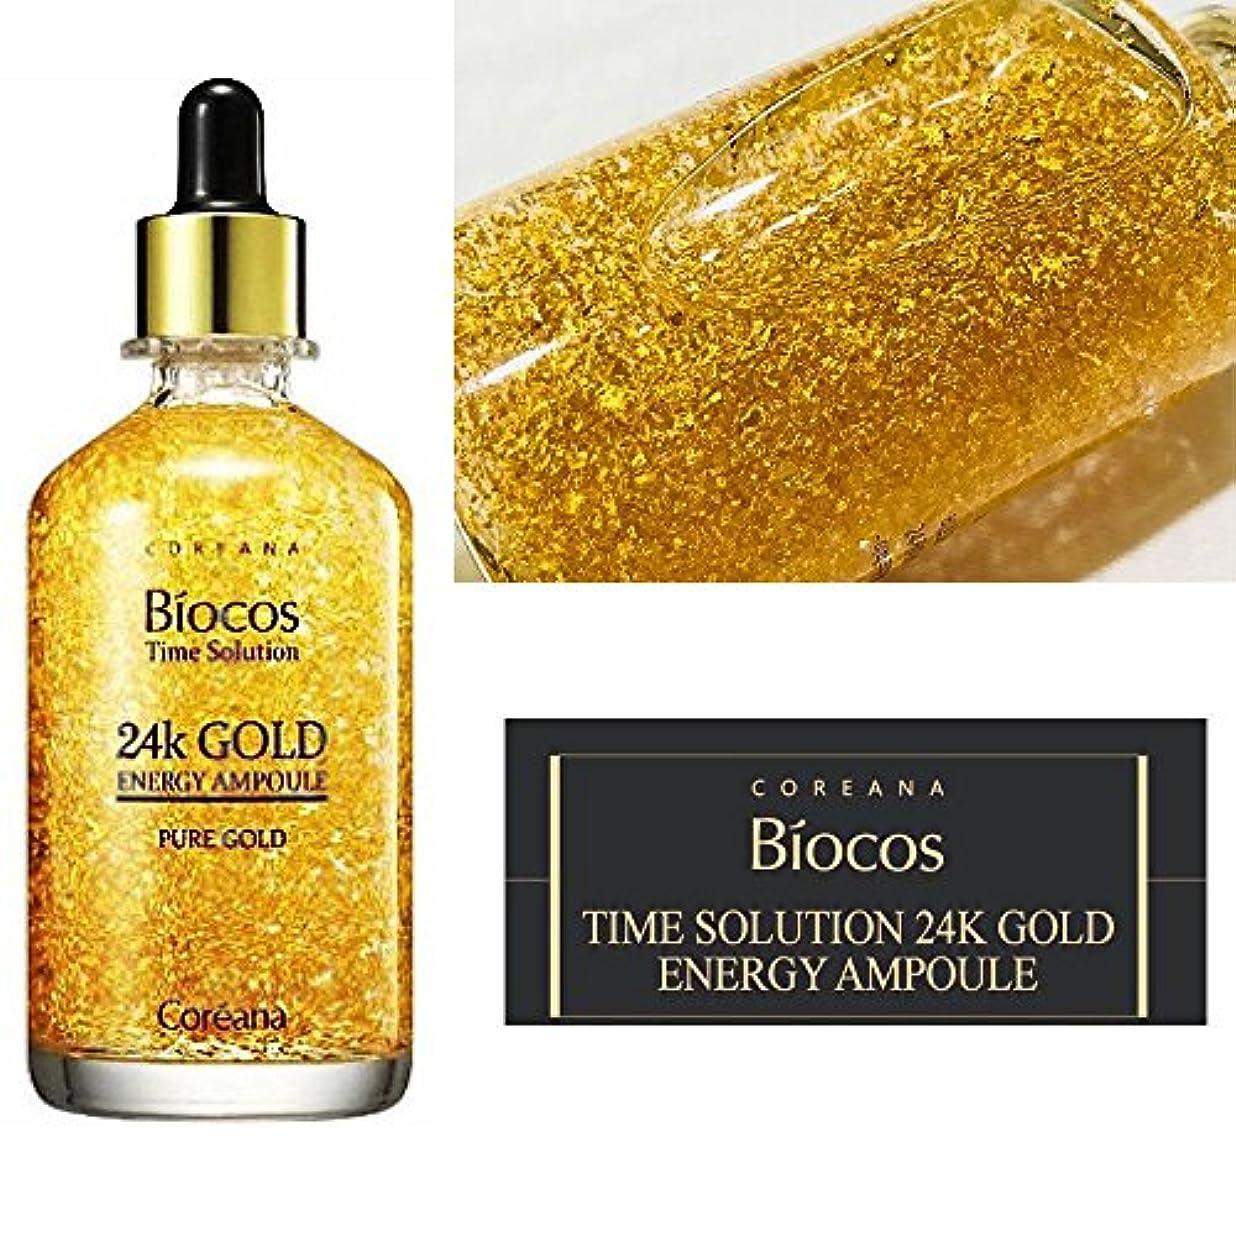 従者密発音[COREANA] Biocos Time Solution 24kゴールドエナジーアンプル100ml/[COREANA] Biocos Time Solution 24K Gold Energy Ampoule - 100ml